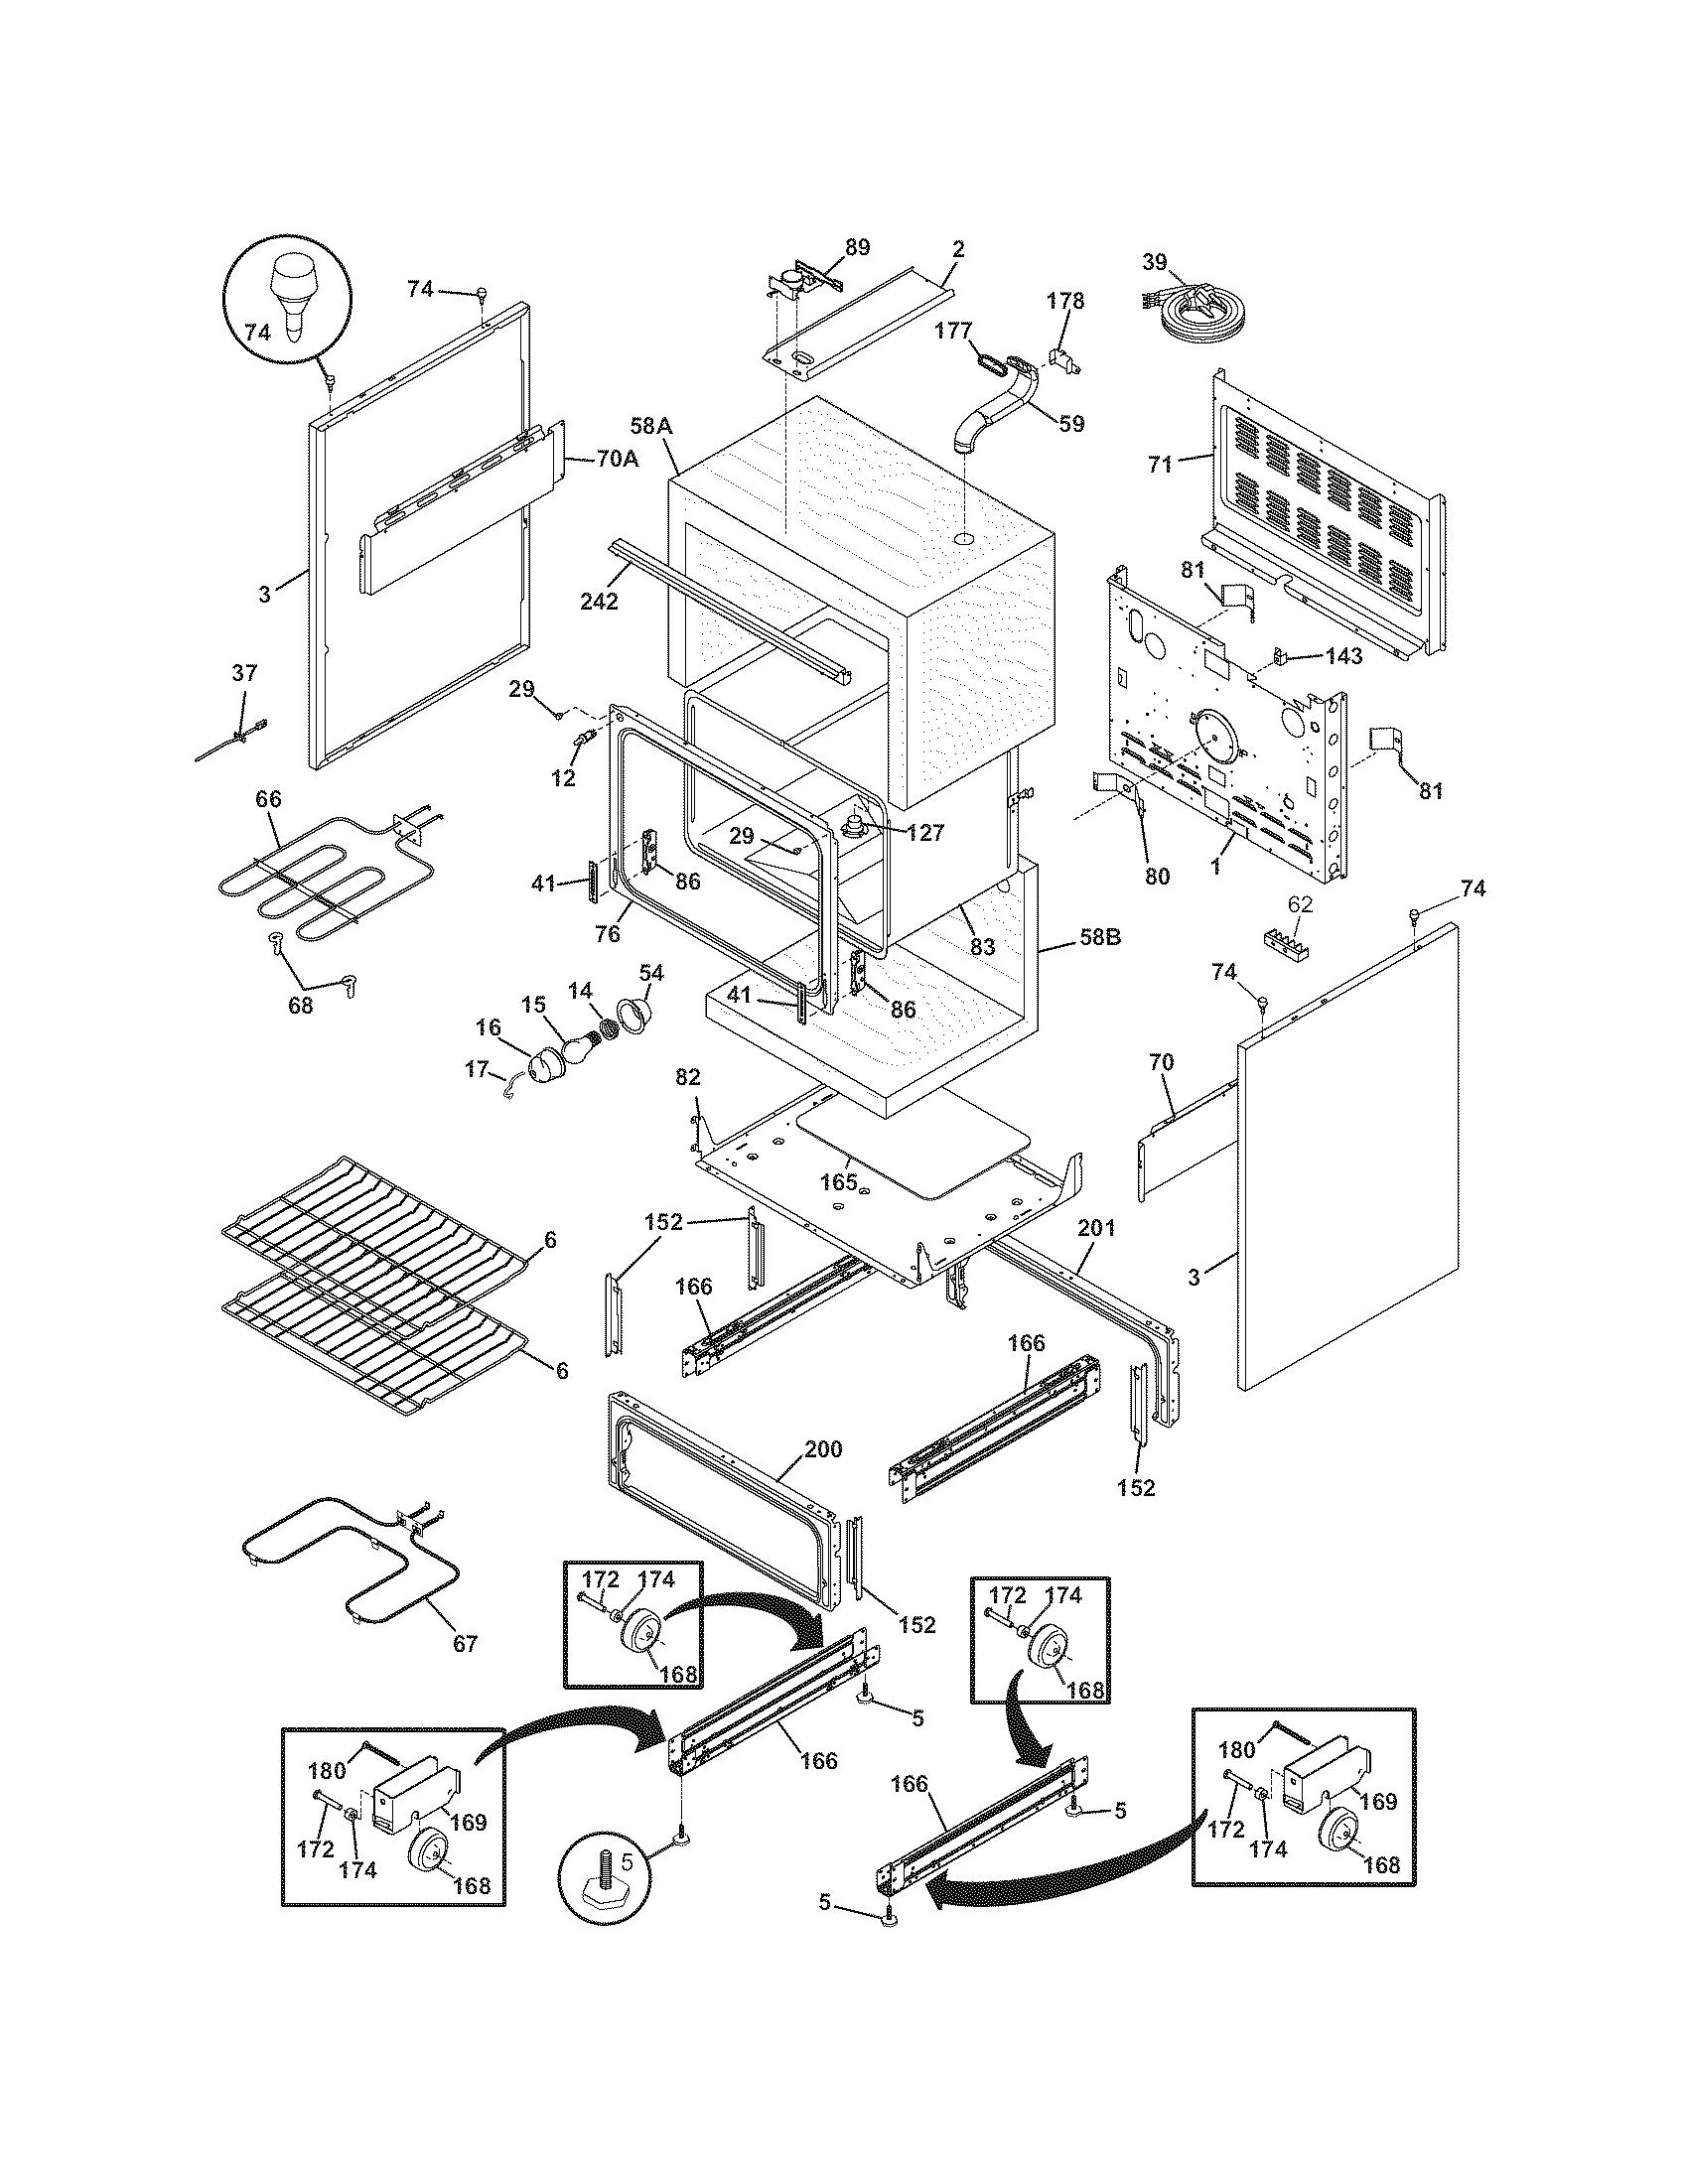 Haier Wine Cooler Parts Diagram Block Wiring Explanation Dryer Samsung Refrigerator Schematics Get Free Image About